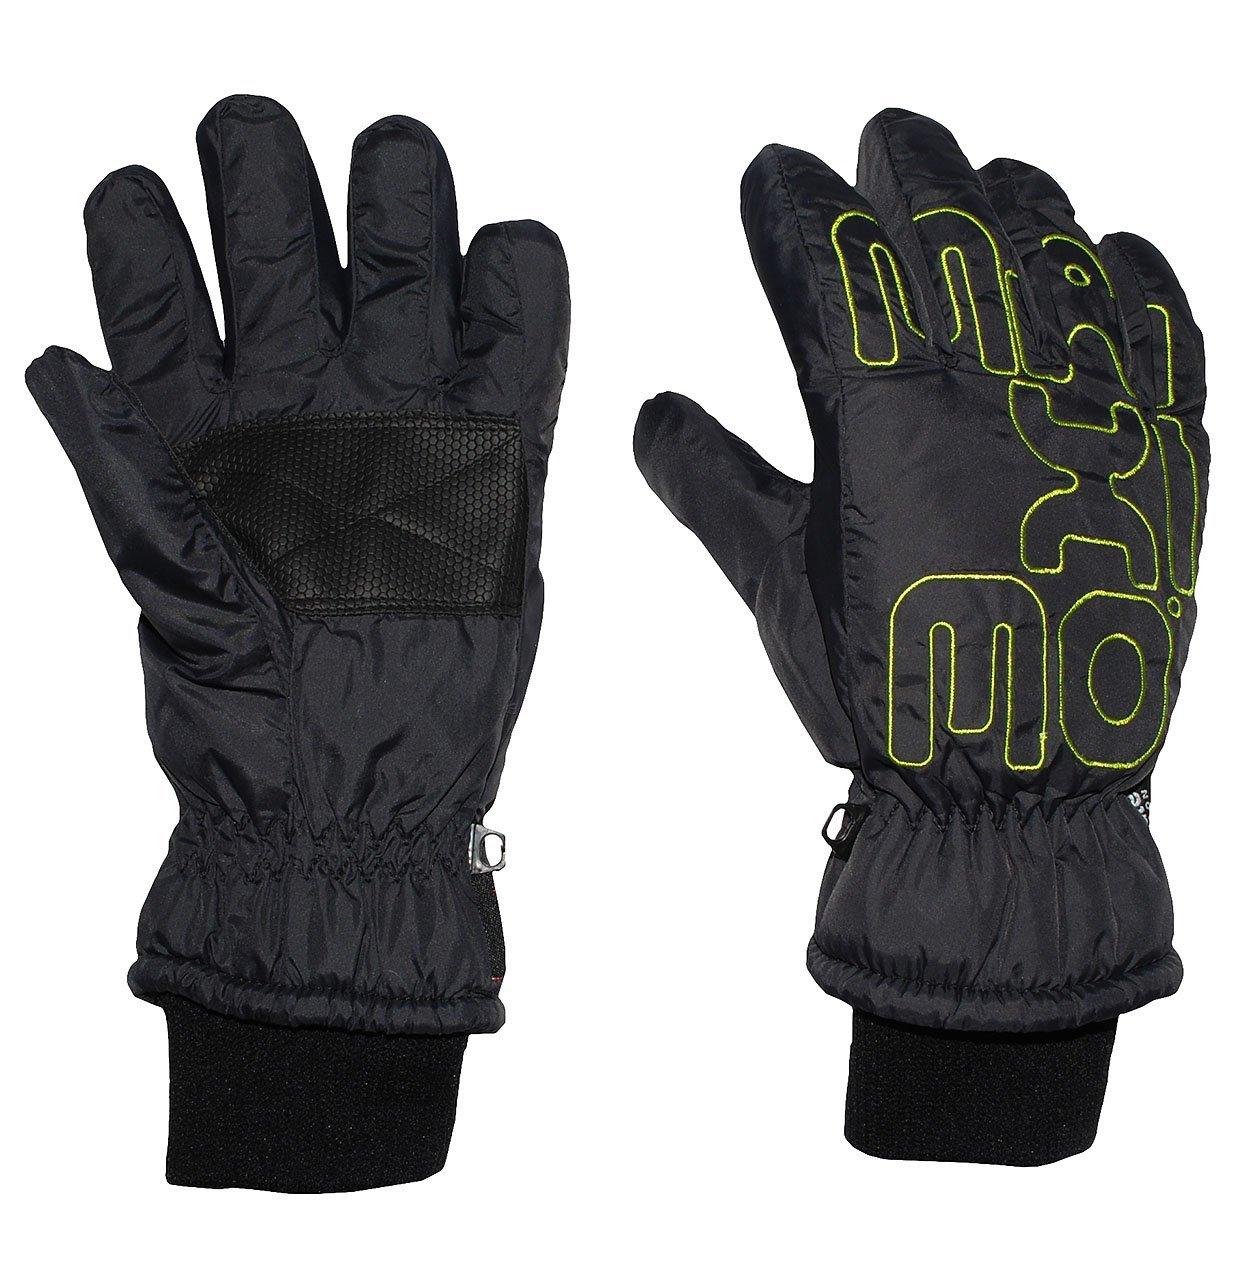 Fingerhandschuhe mit Schaft / Strick Bündchen - schwarz mit NEON grün - Thermo gefüttert Thermohandschuh - Größe: 5 bis 7 Jahre - wasserdicht + atmungsaktiv Thinsulate - Fingerhandschuh für Kinder - Mädchen Jungen - Thermohandschuhe Handschuhe - Baumwolle Futter